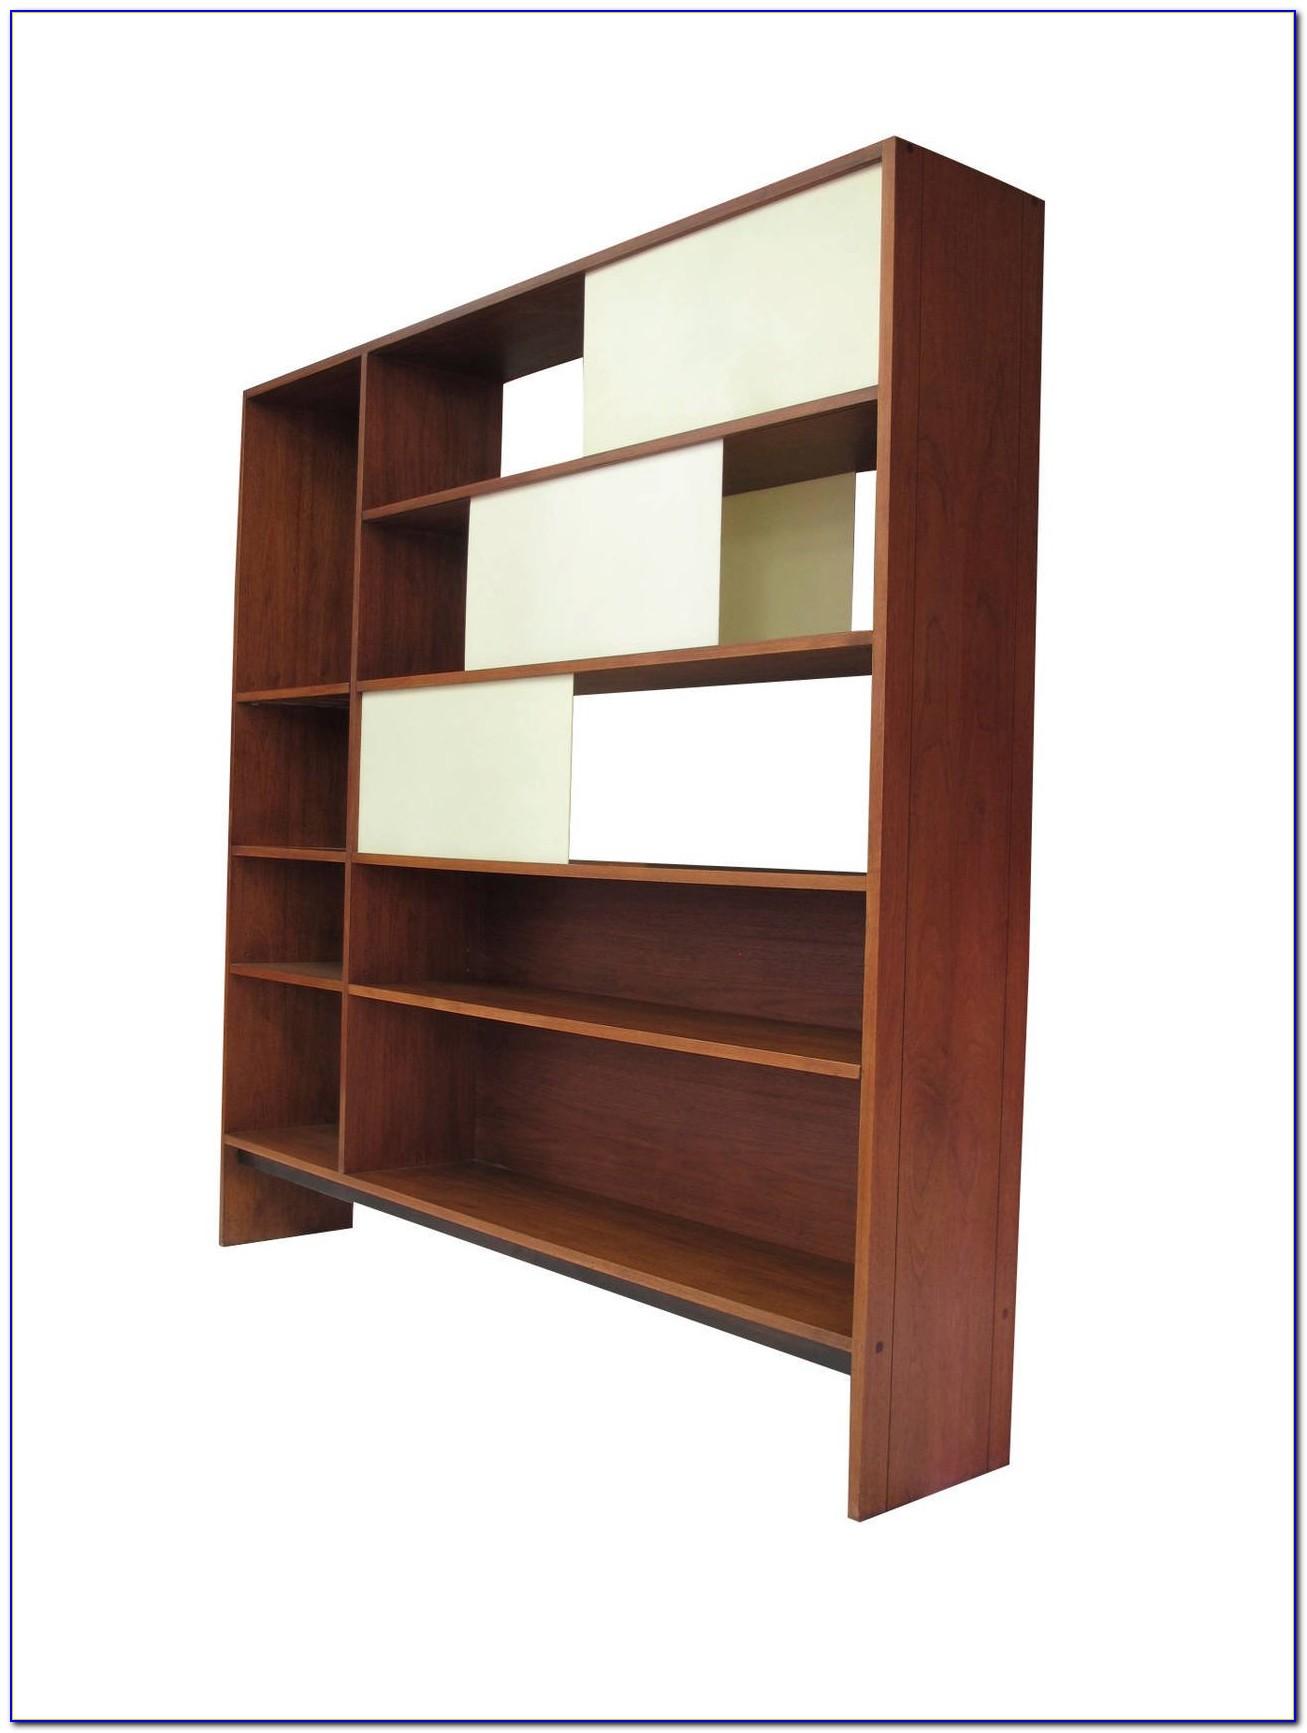 Room Divider Bookshelf